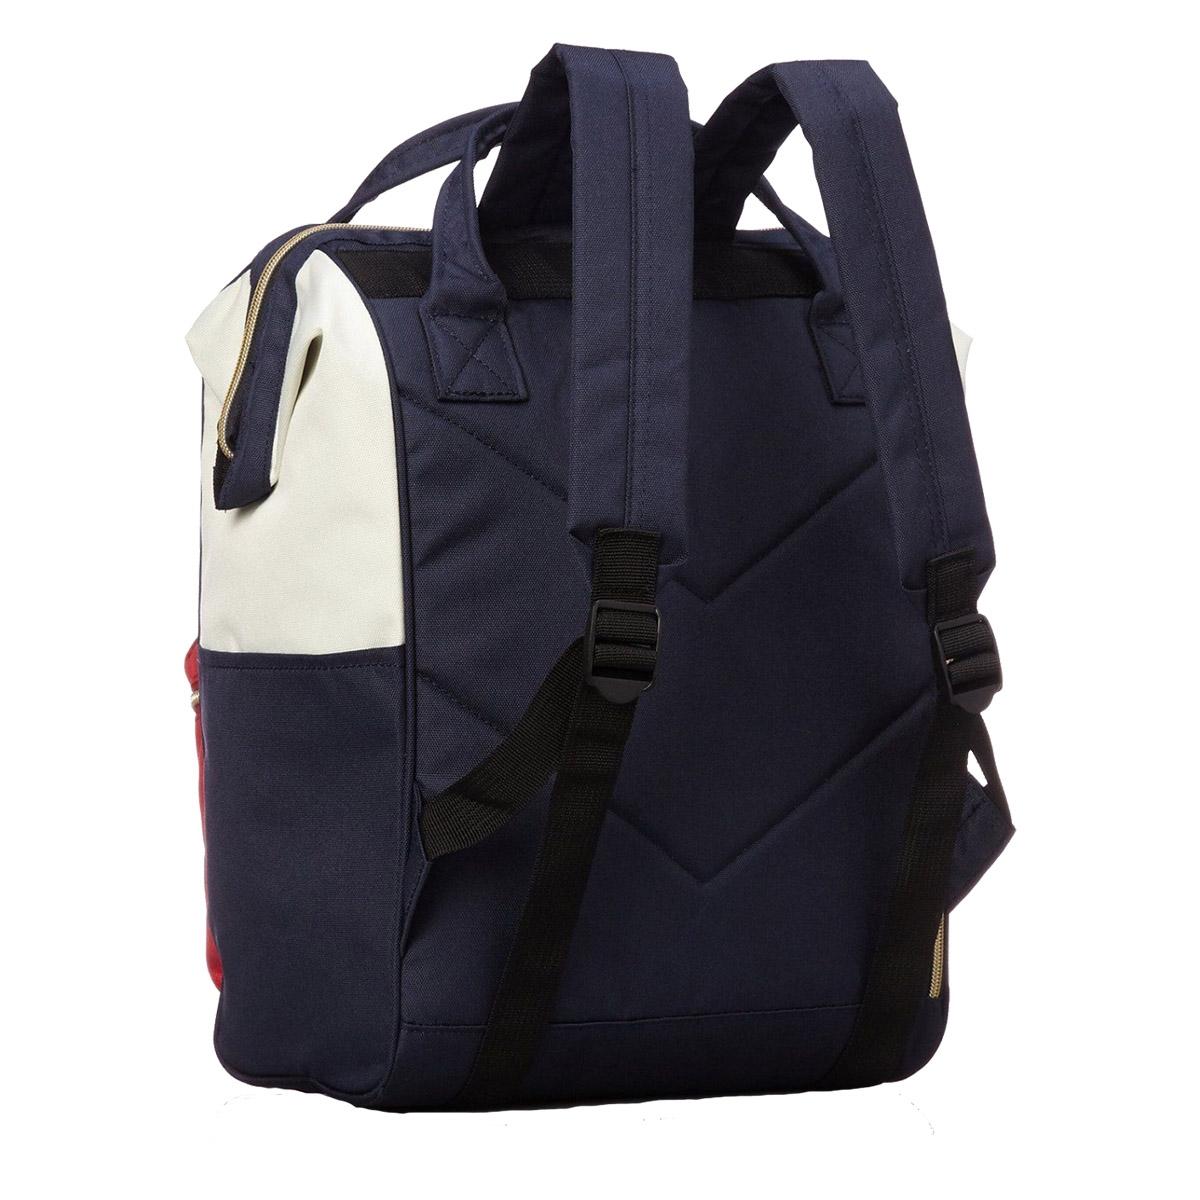 Anello Classic Tricolor Retro Bags